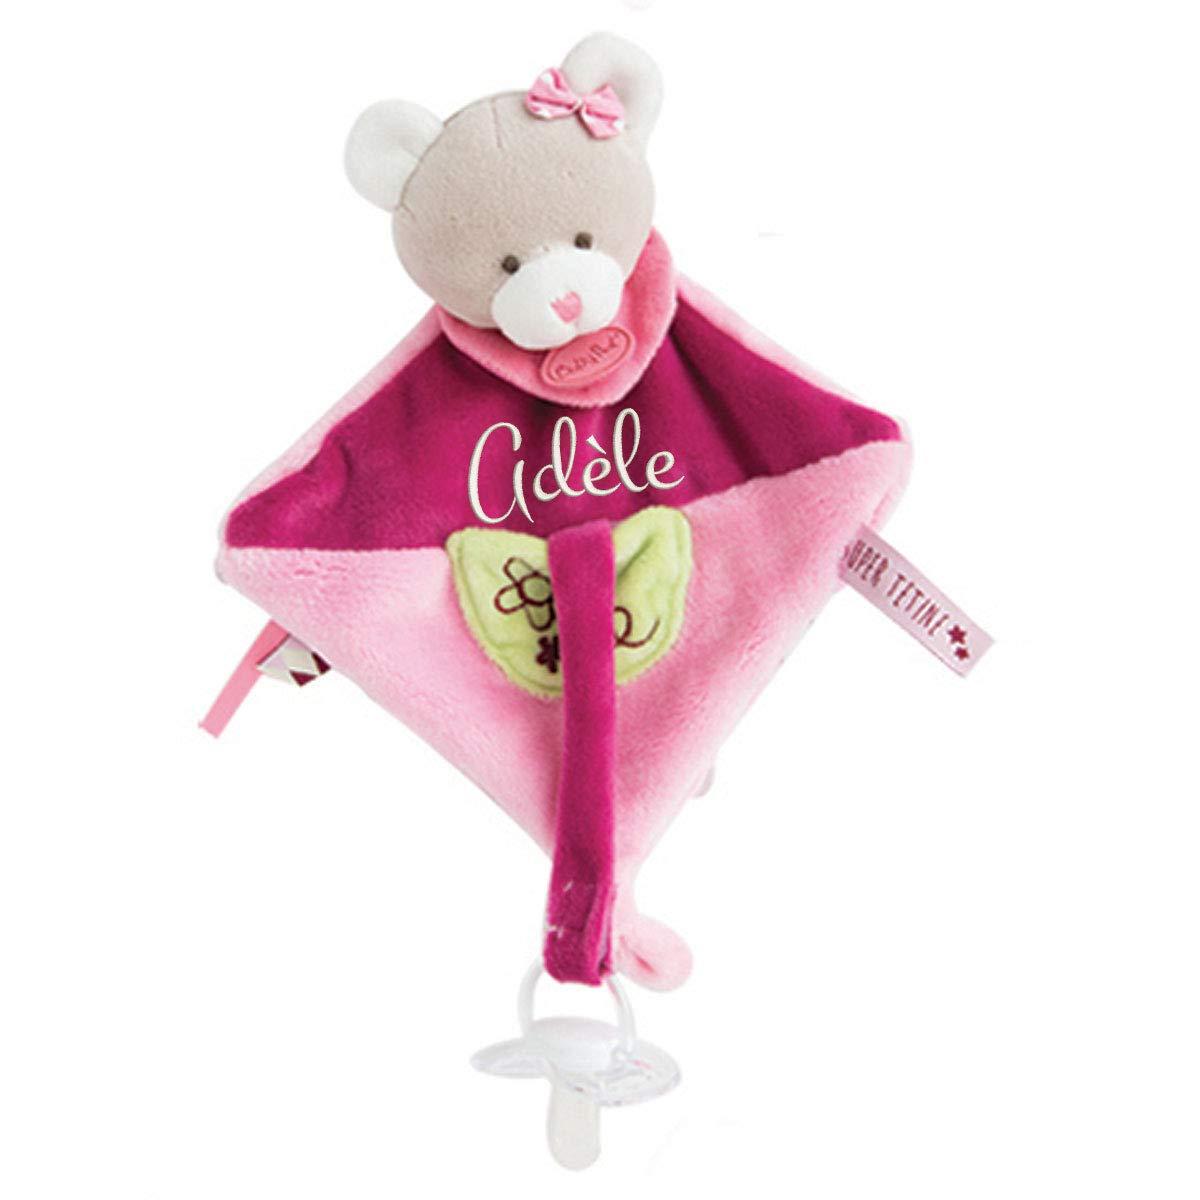 Doudou attache porte tétine à broder avec prénom- cadeau liste de naissance - cadeau personnalisé naissance - cadeau personnalisé bébé